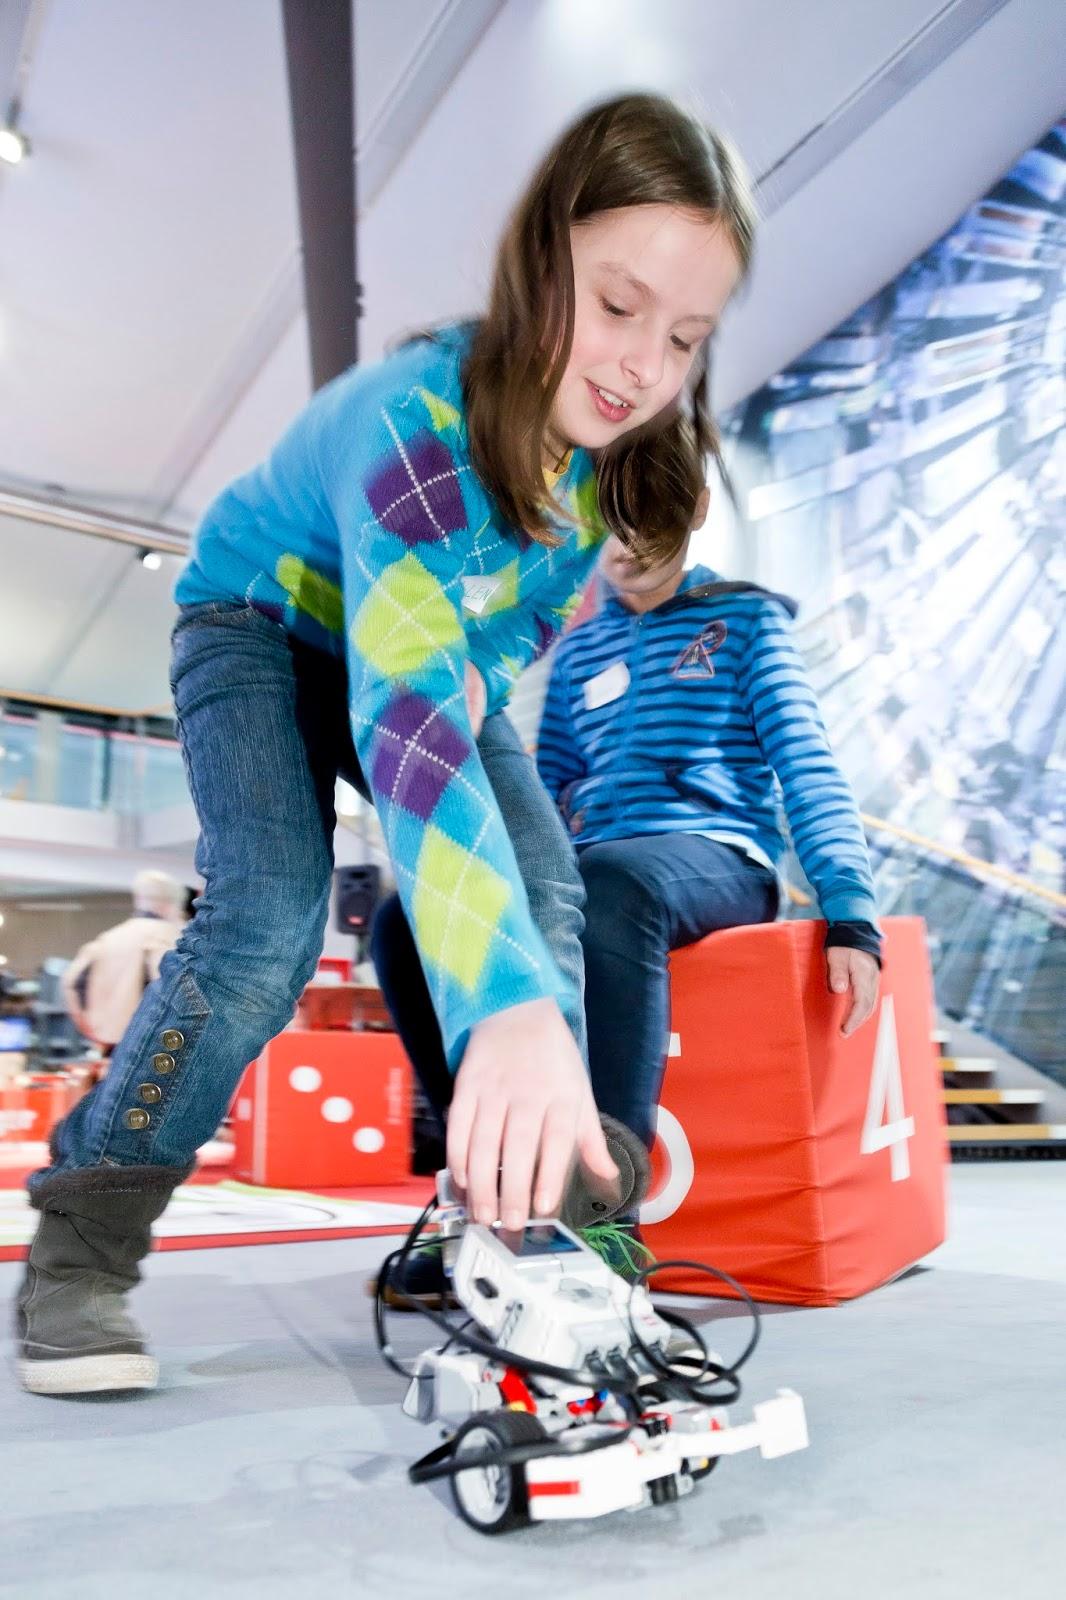 Ein Kind spielt mit einem Roboter